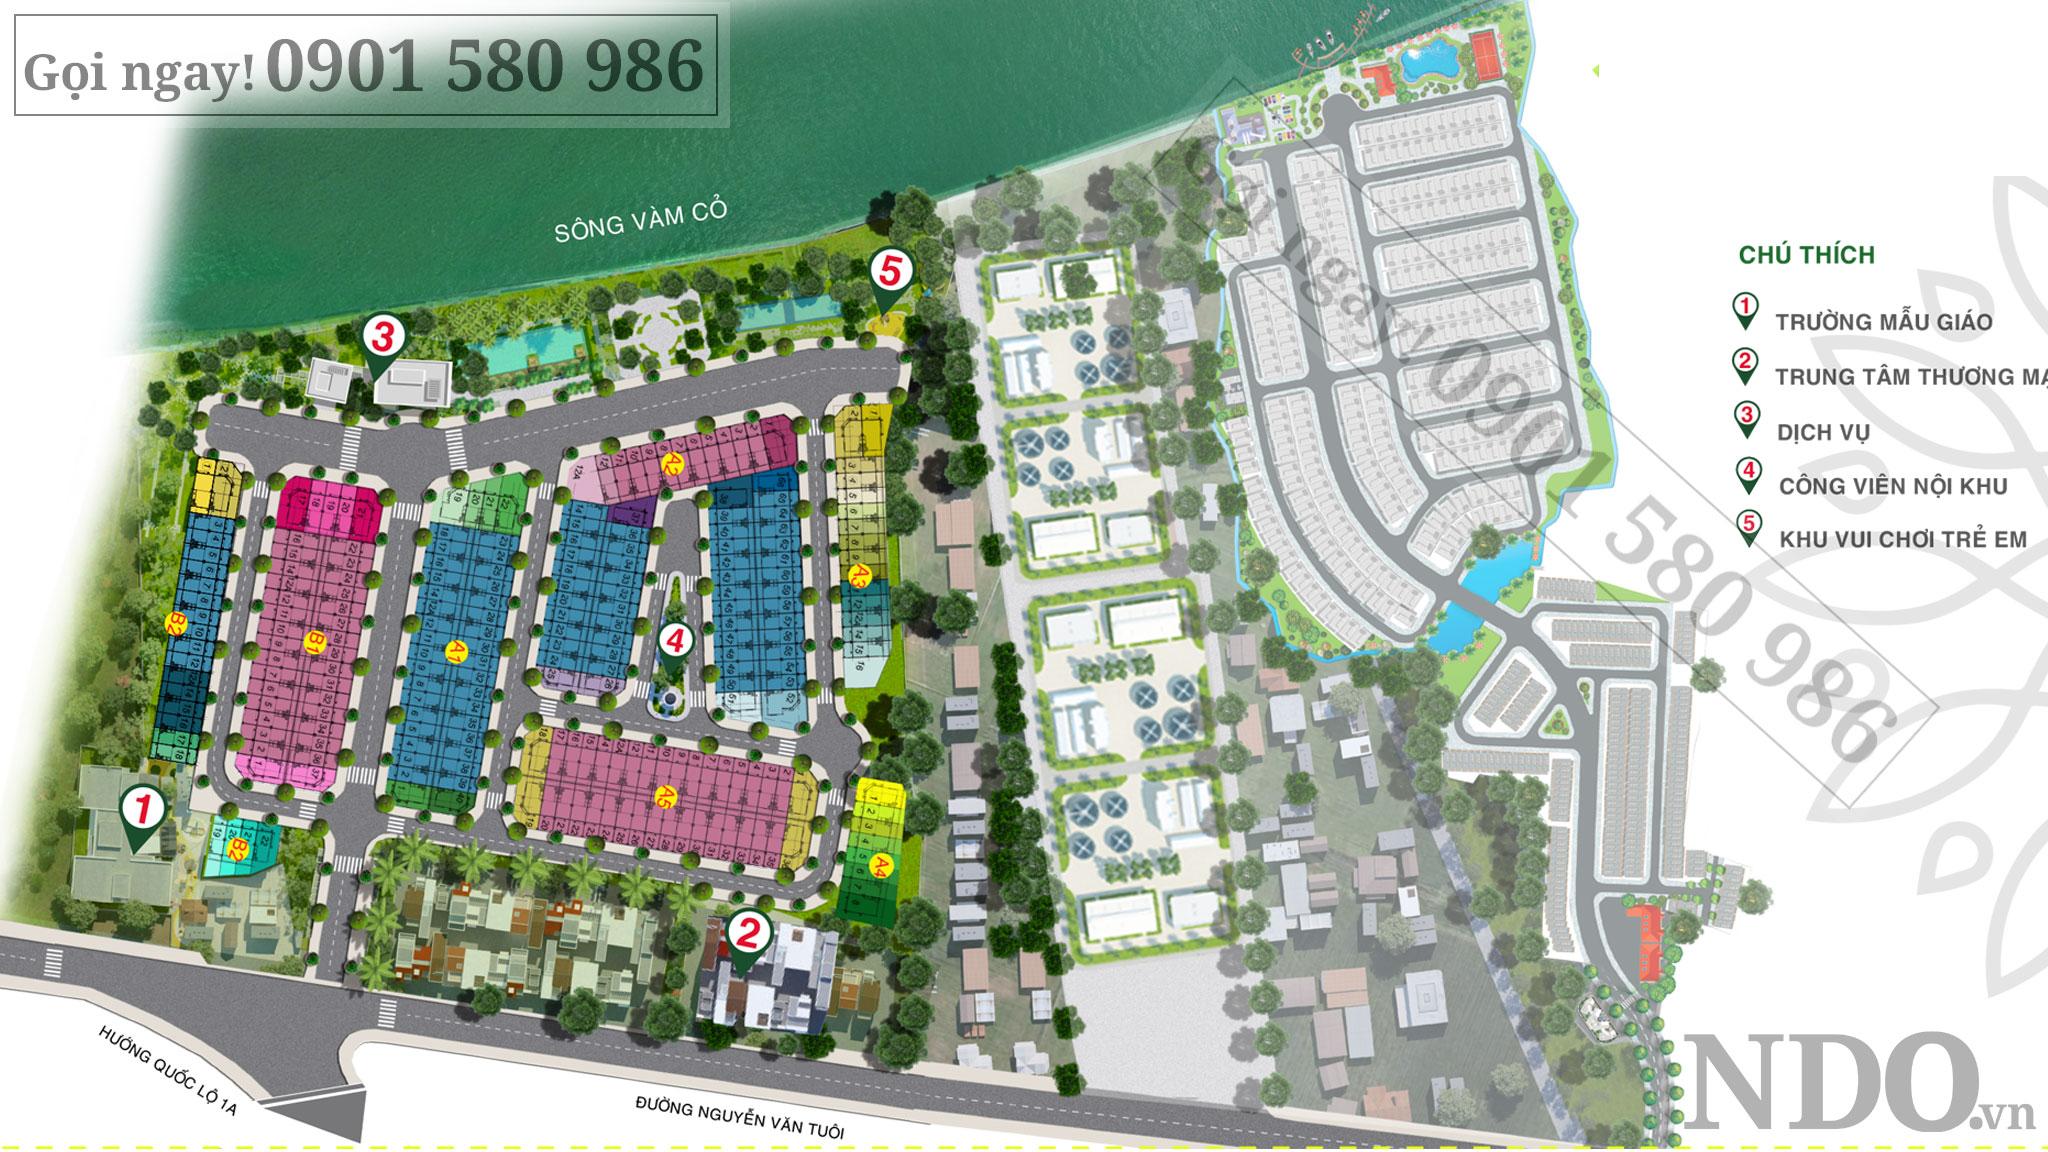 Sơ đồ phân lô dự án Solar City từ chủ đầu tư Trần Anh